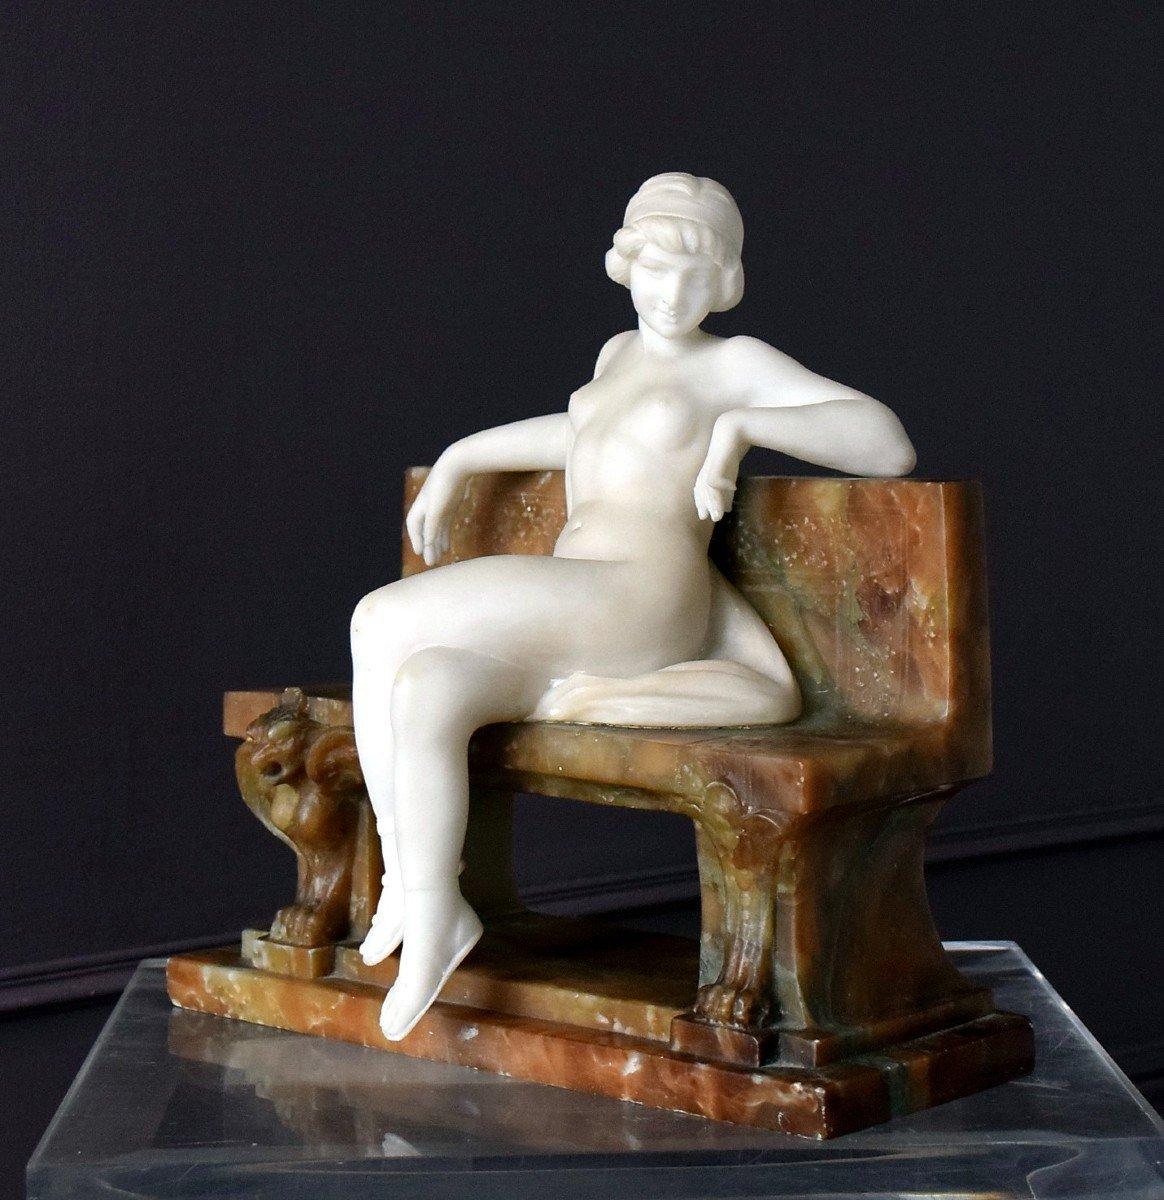 Nymph By Ferdinando Vichi Carrara Marble And Alabaster Italy